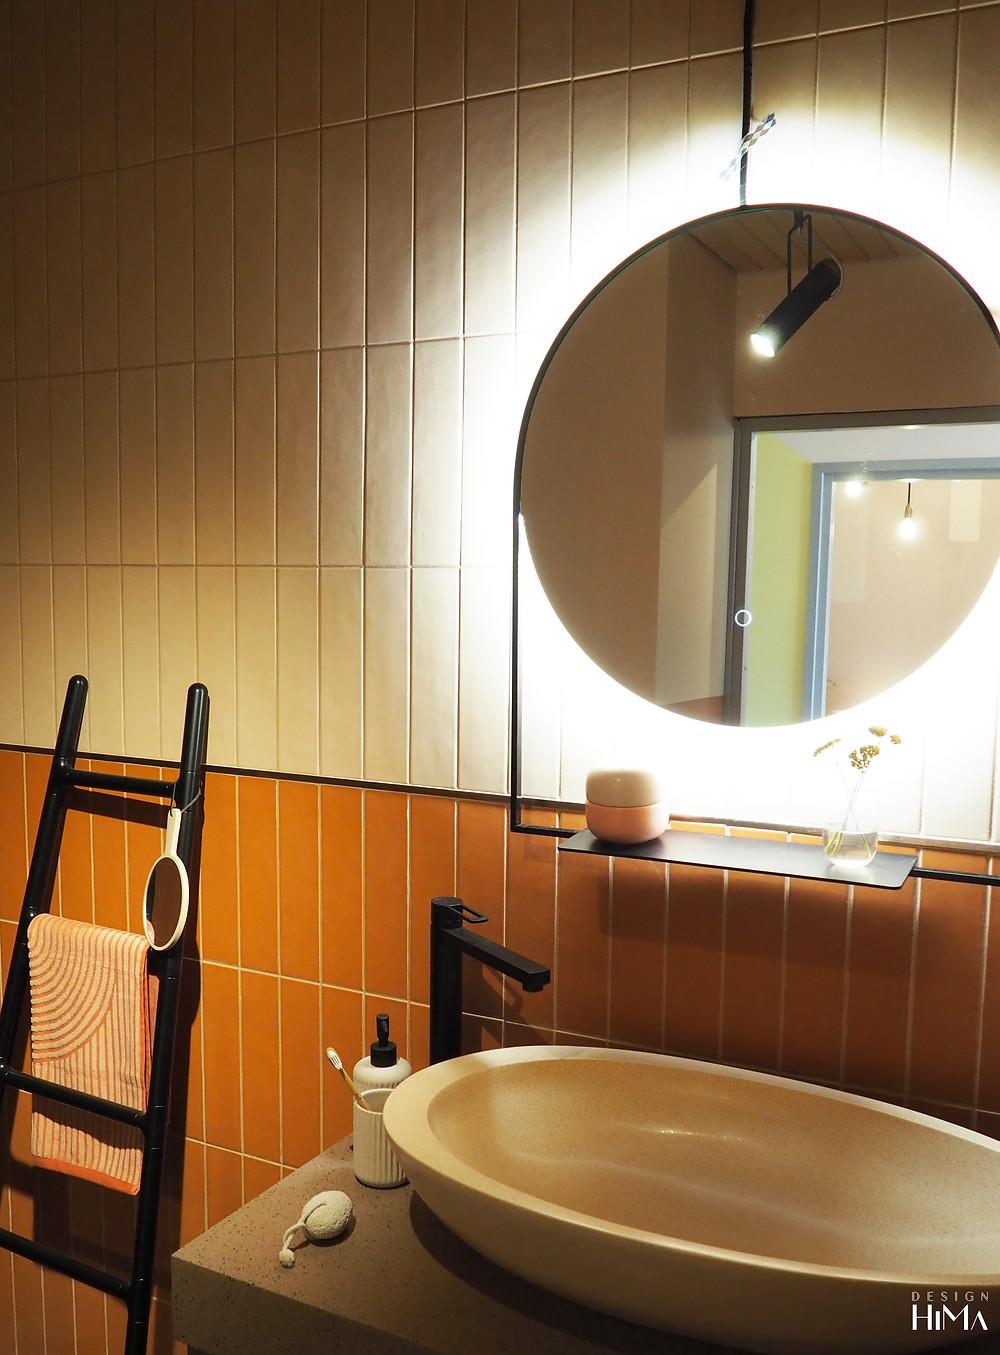 Trendikoti kylpyhuone